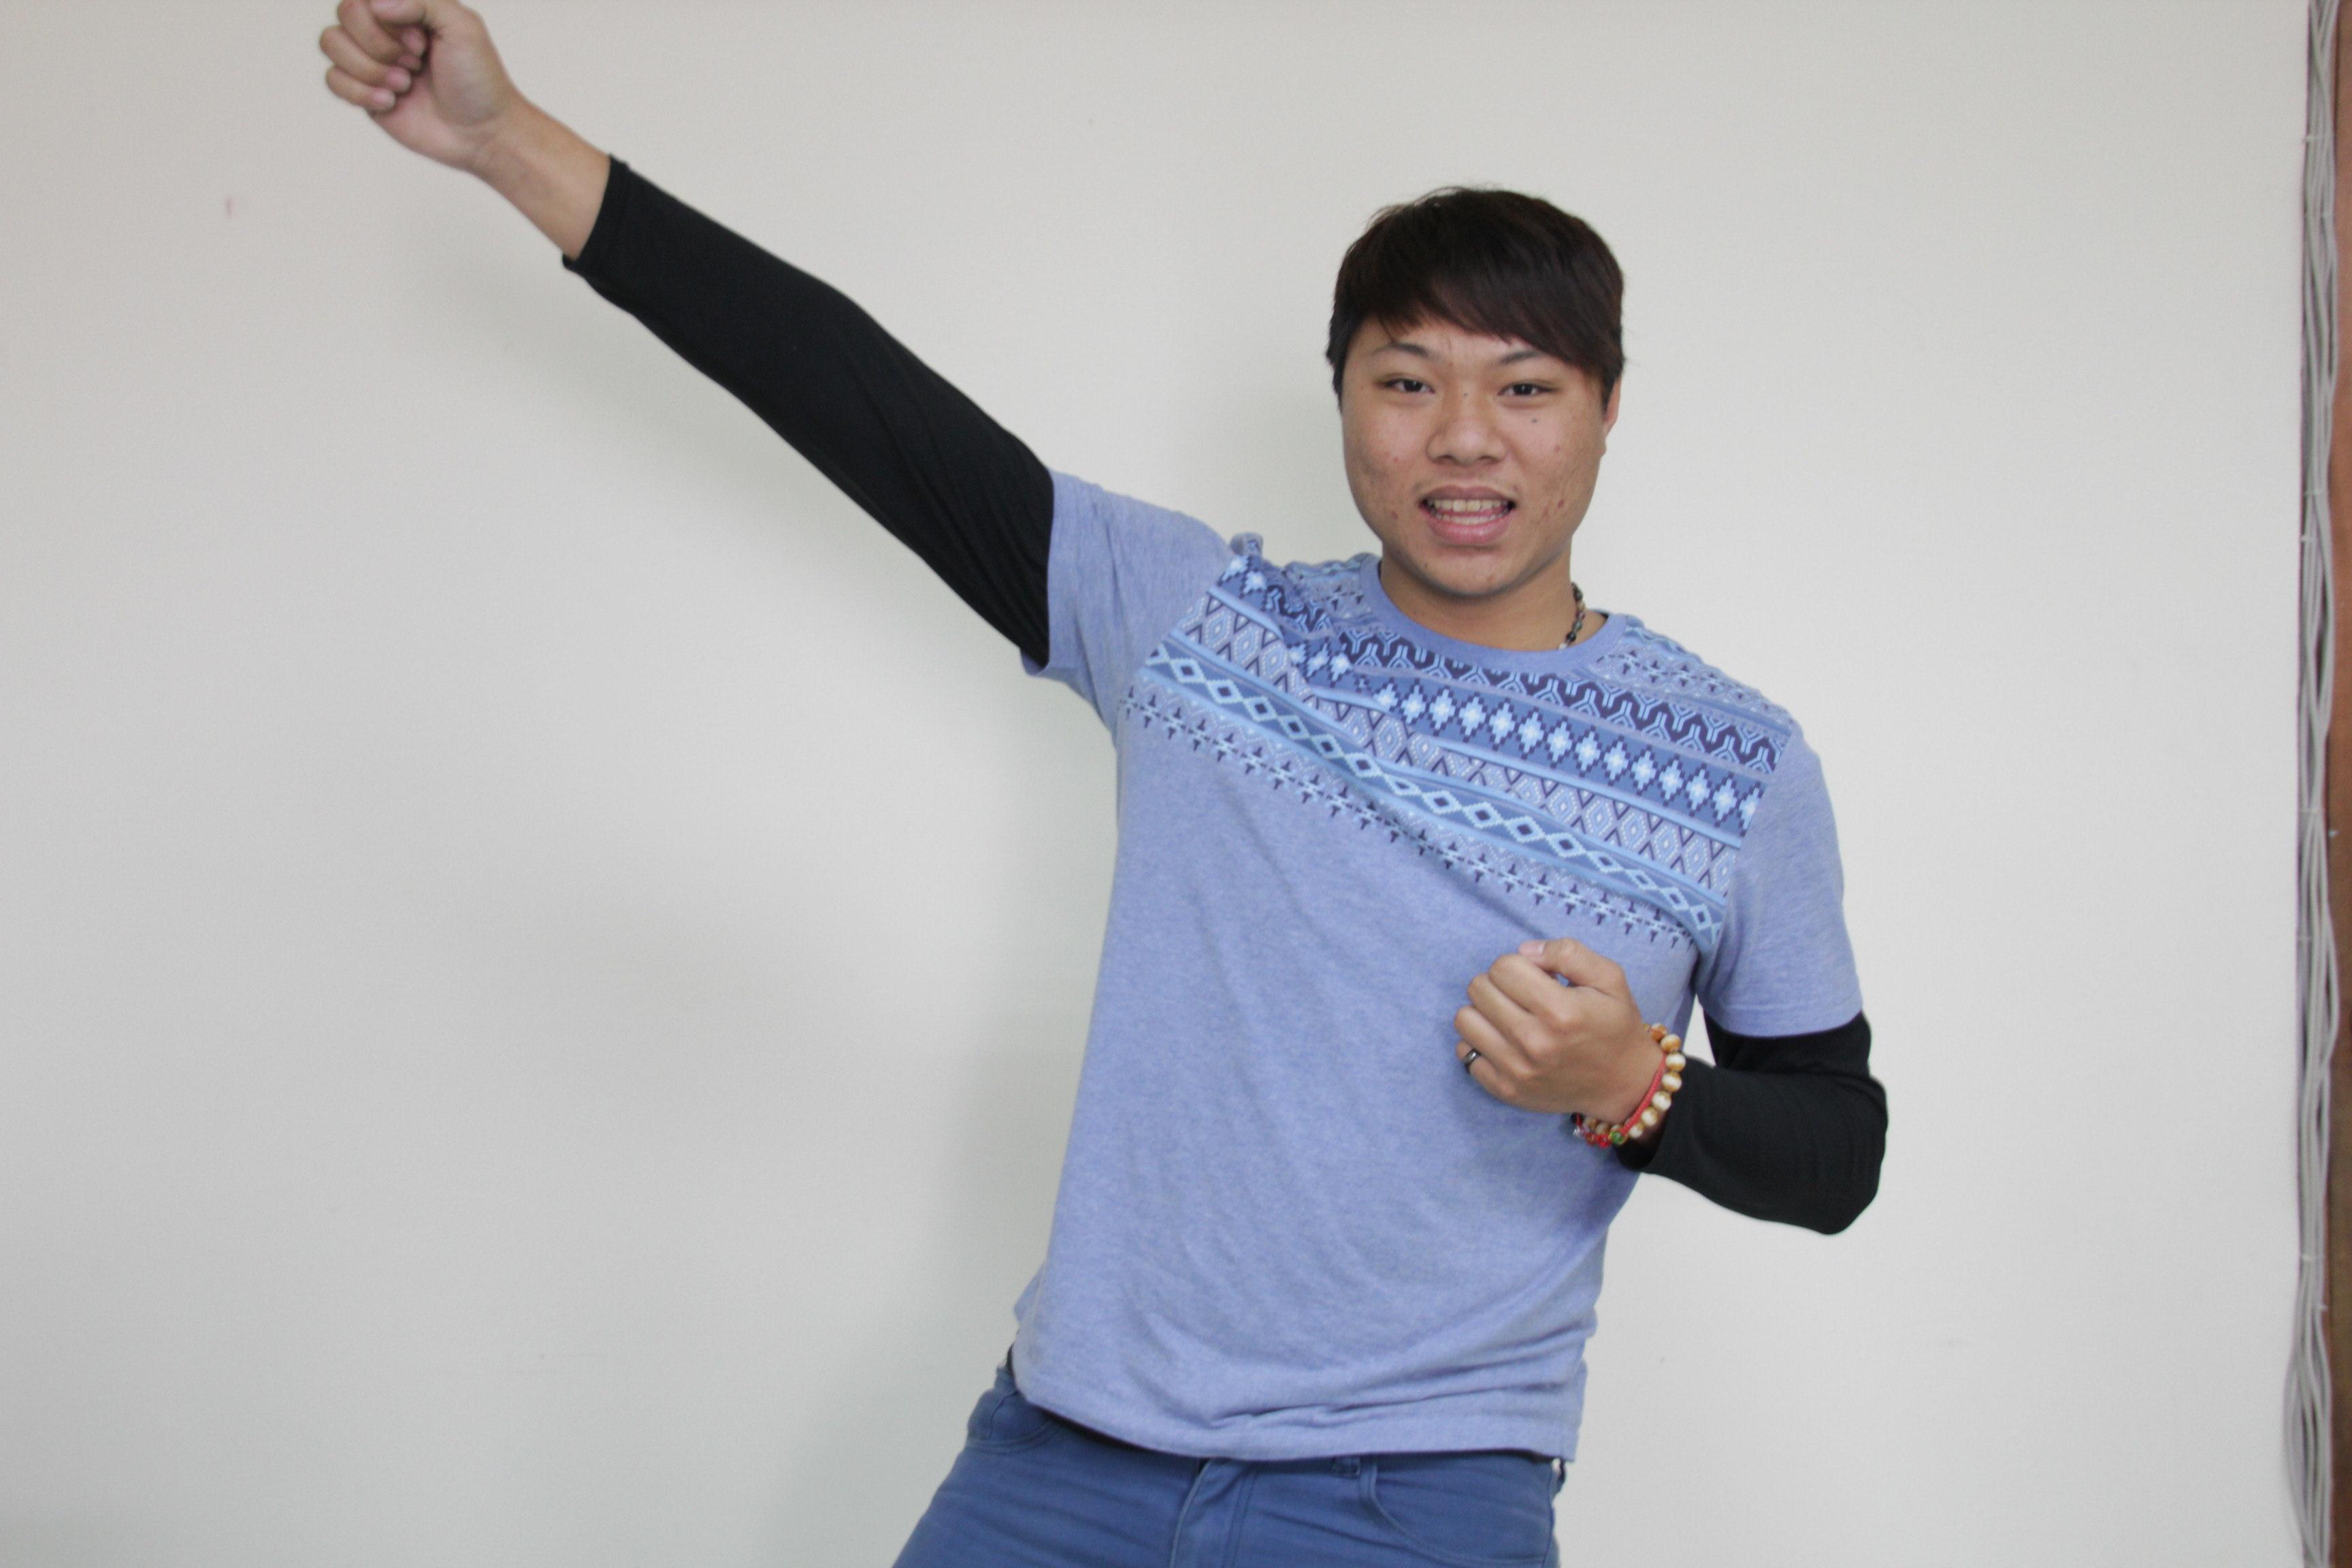 威力導演影音剪輯班 講師 吳鑫